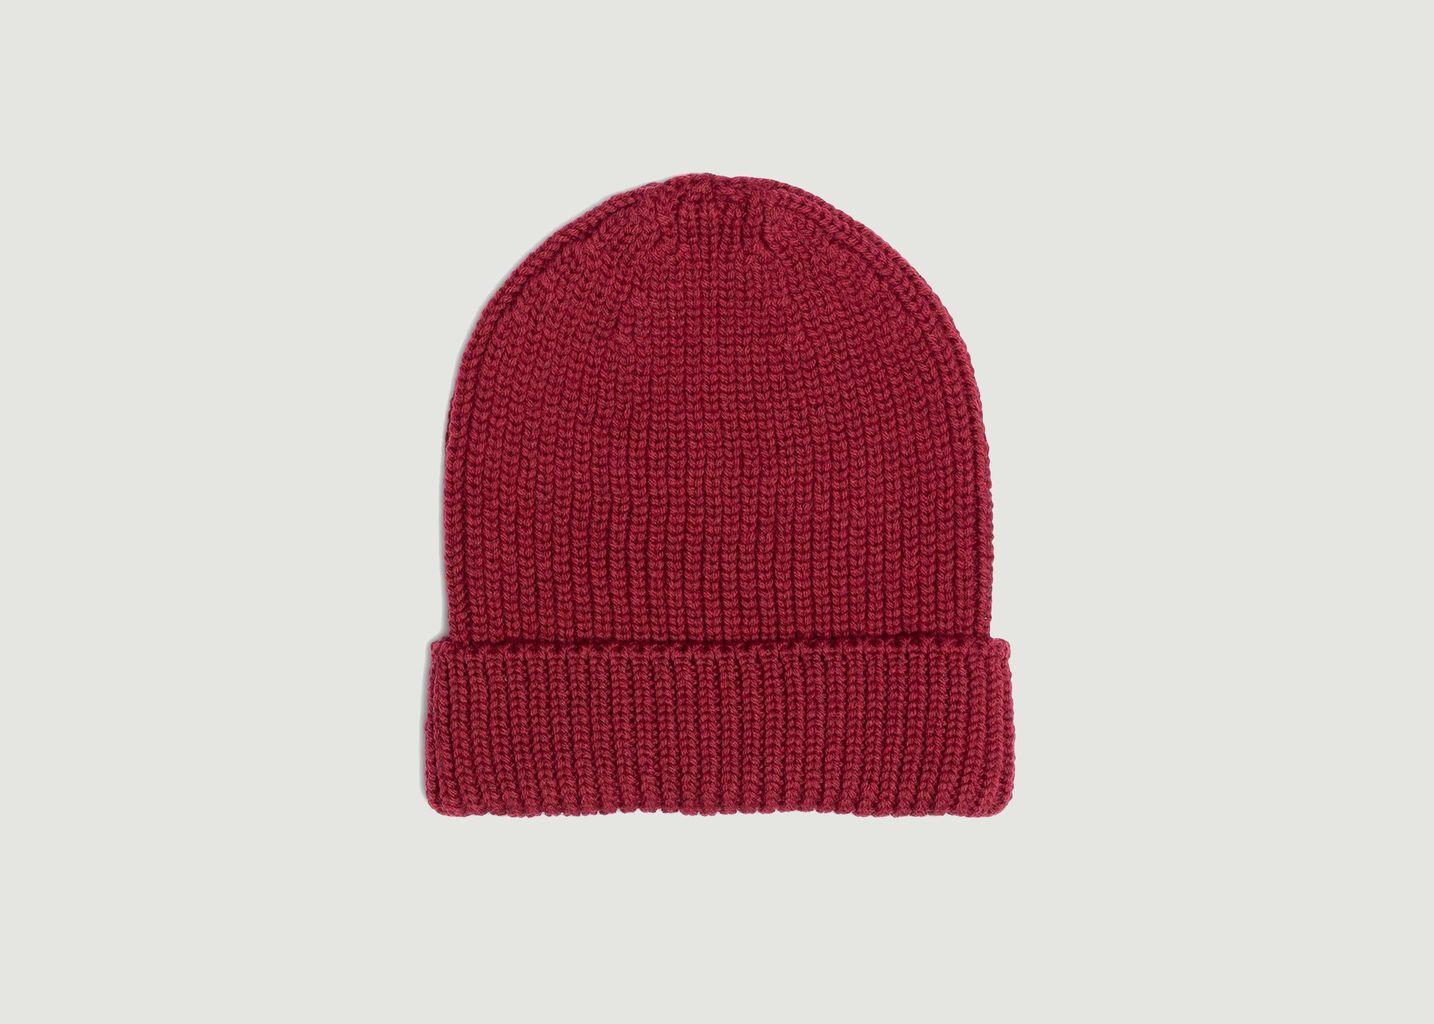 Bonnet en laine mérinos Prapoutel - Montlimart